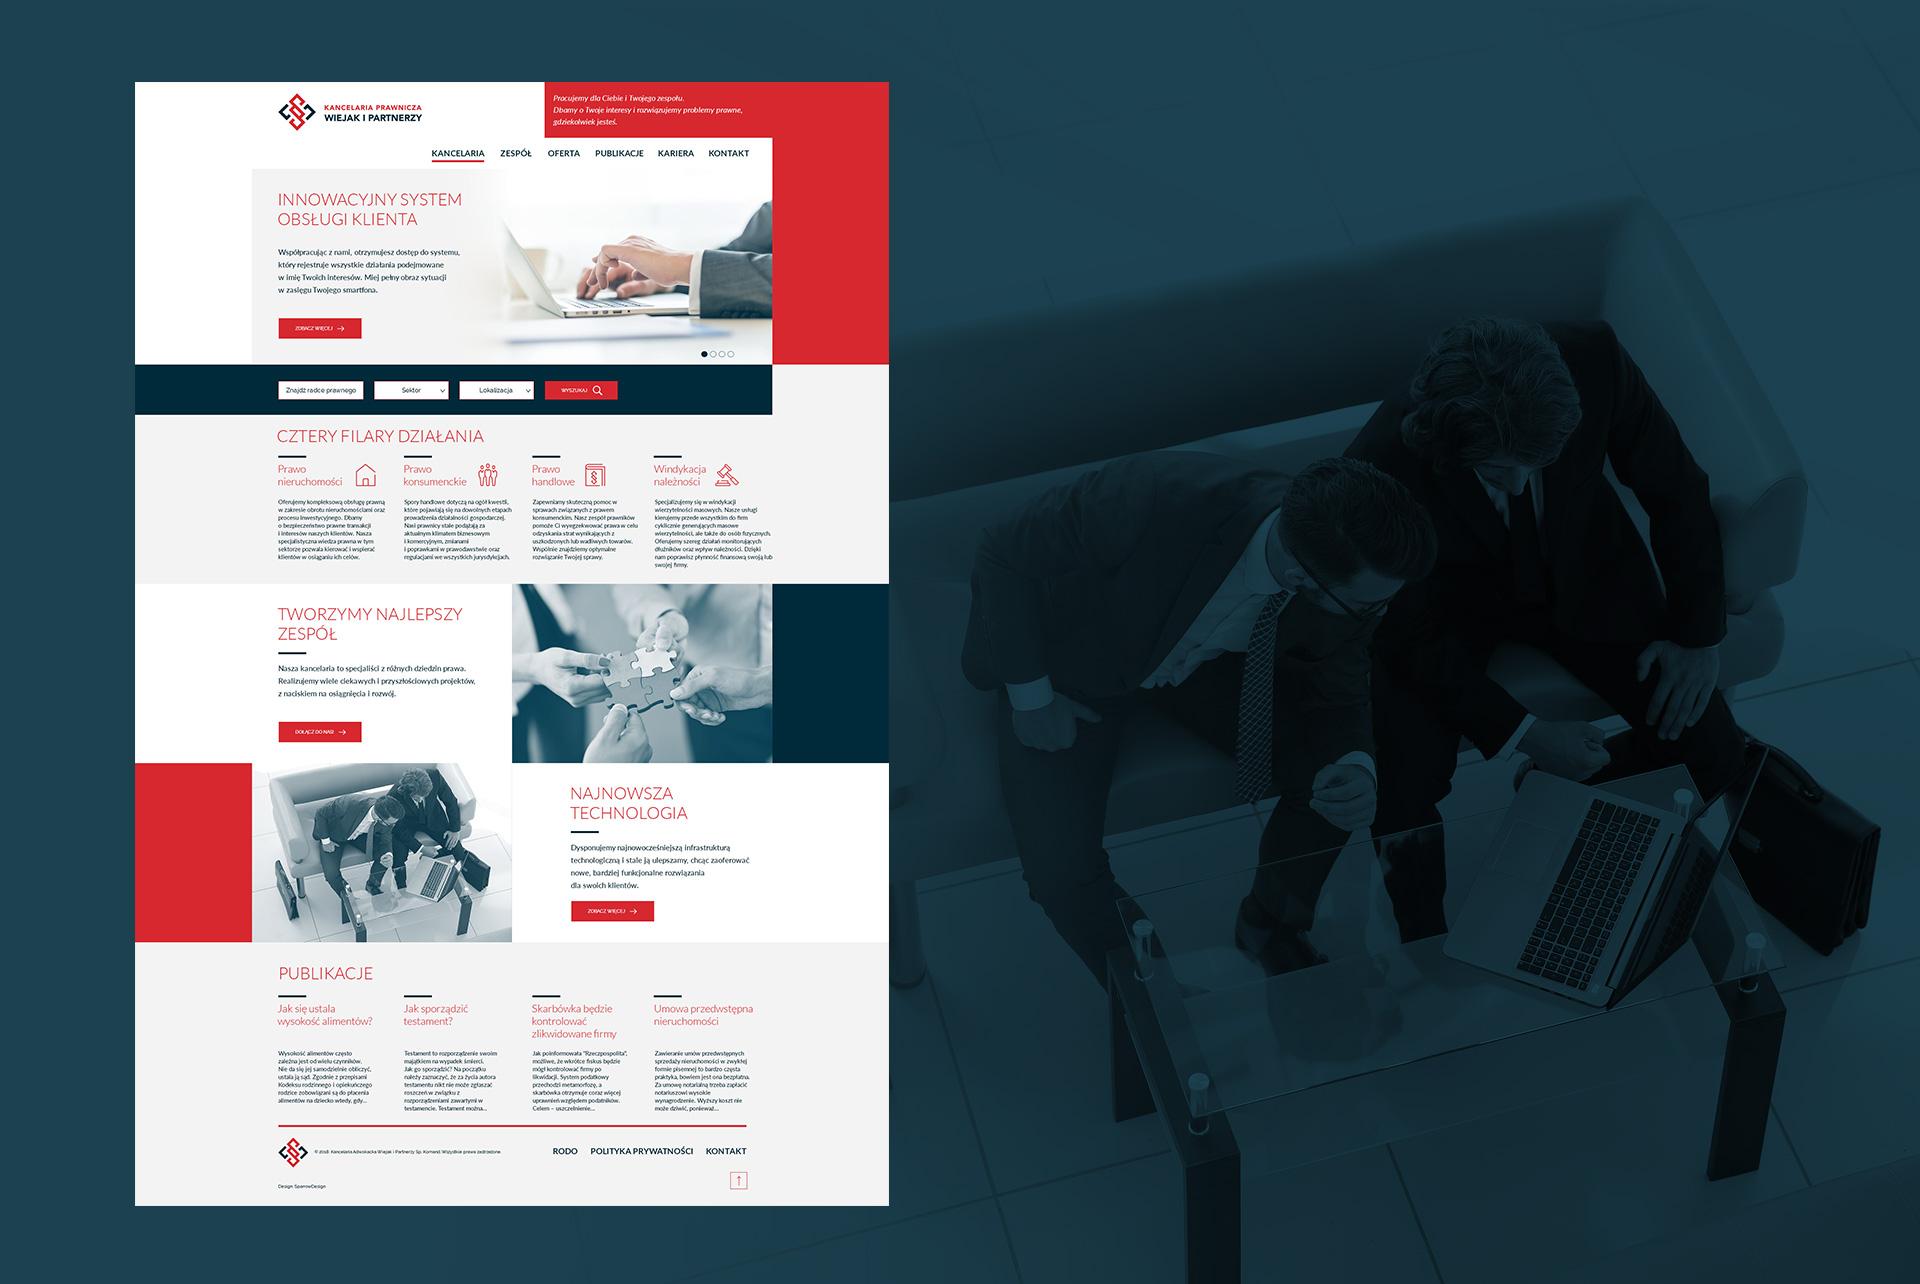 strona www kancelarii prawnej law firm website design strona www kancelarii adwokackiej